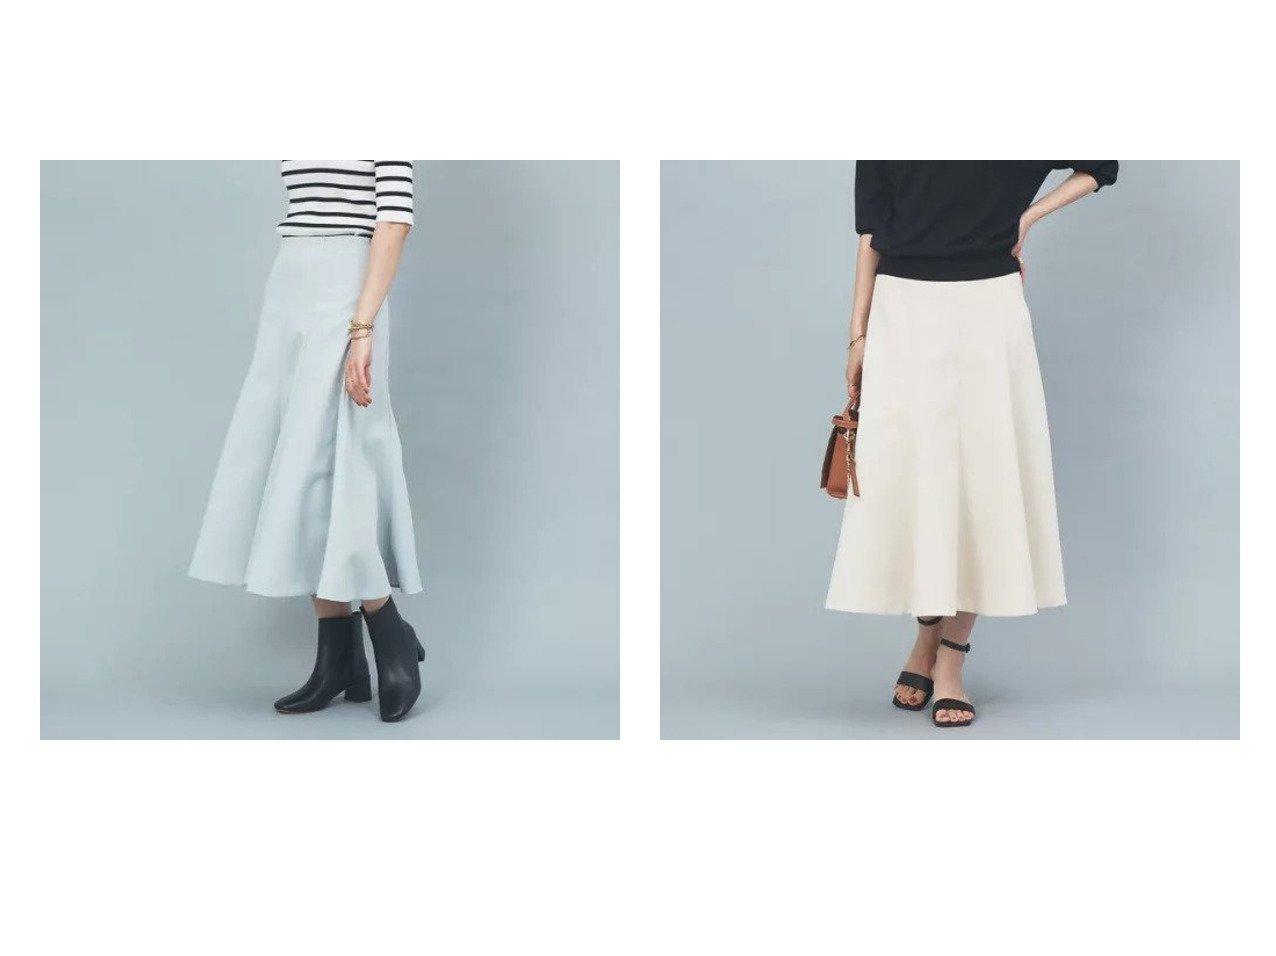 【Rouge vif/ルージュ ヴィフ】のツィル切り替えフレアスカート 【スカート】おすすめ!人気、トレンド・レディースファッションの通販 おすすめで人気の流行・トレンド、ファッションの通販商品 インテリア・家具・メンズファッション・キッズファッション・レディースファッション・服の通販 founy(ファニー) https://founy.com/ ファッション Fashion レディースファッション WOMEN スカート Skirt Aライン/フレアスカート Flared A-Line Skirts おすすめ Recommend コンパクト フィット フェミニン フレア ボトム  ID:crp329100000068450